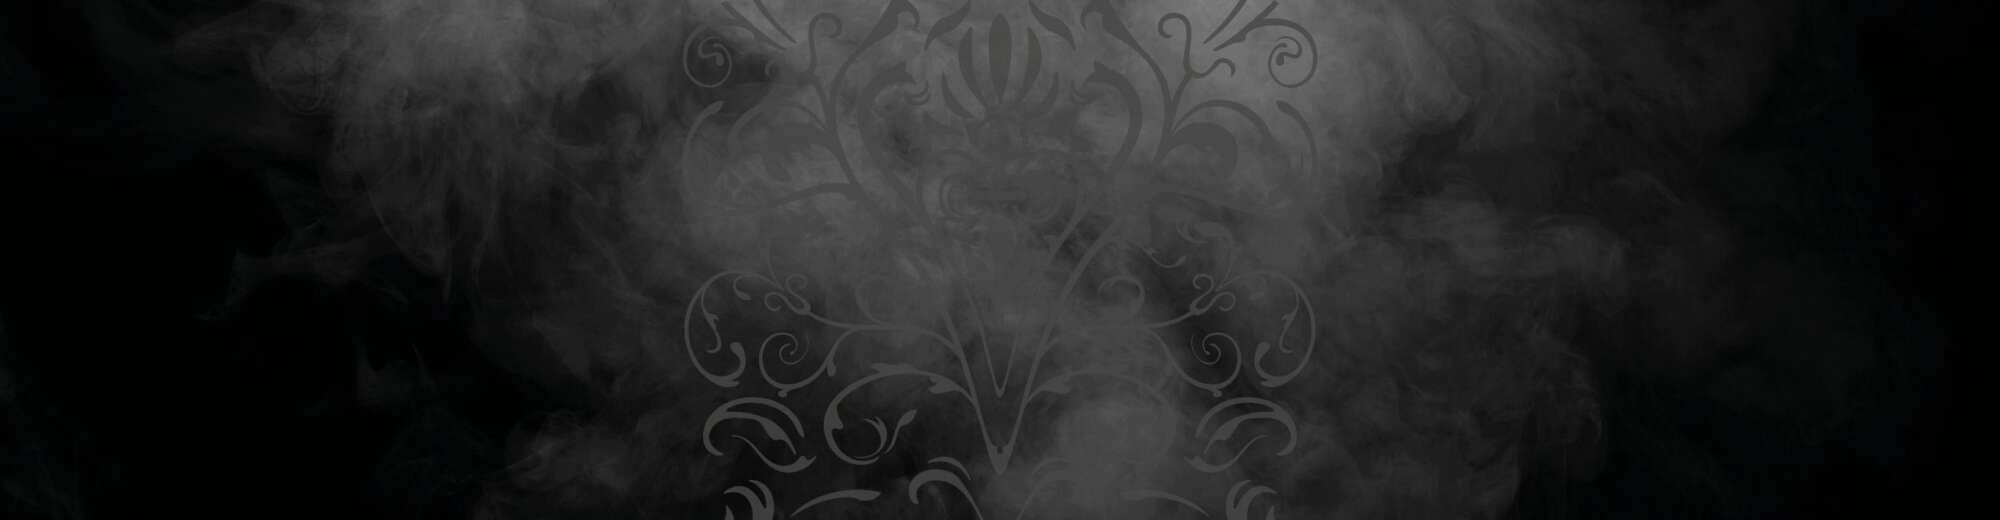 Rauchbier Hintergrund